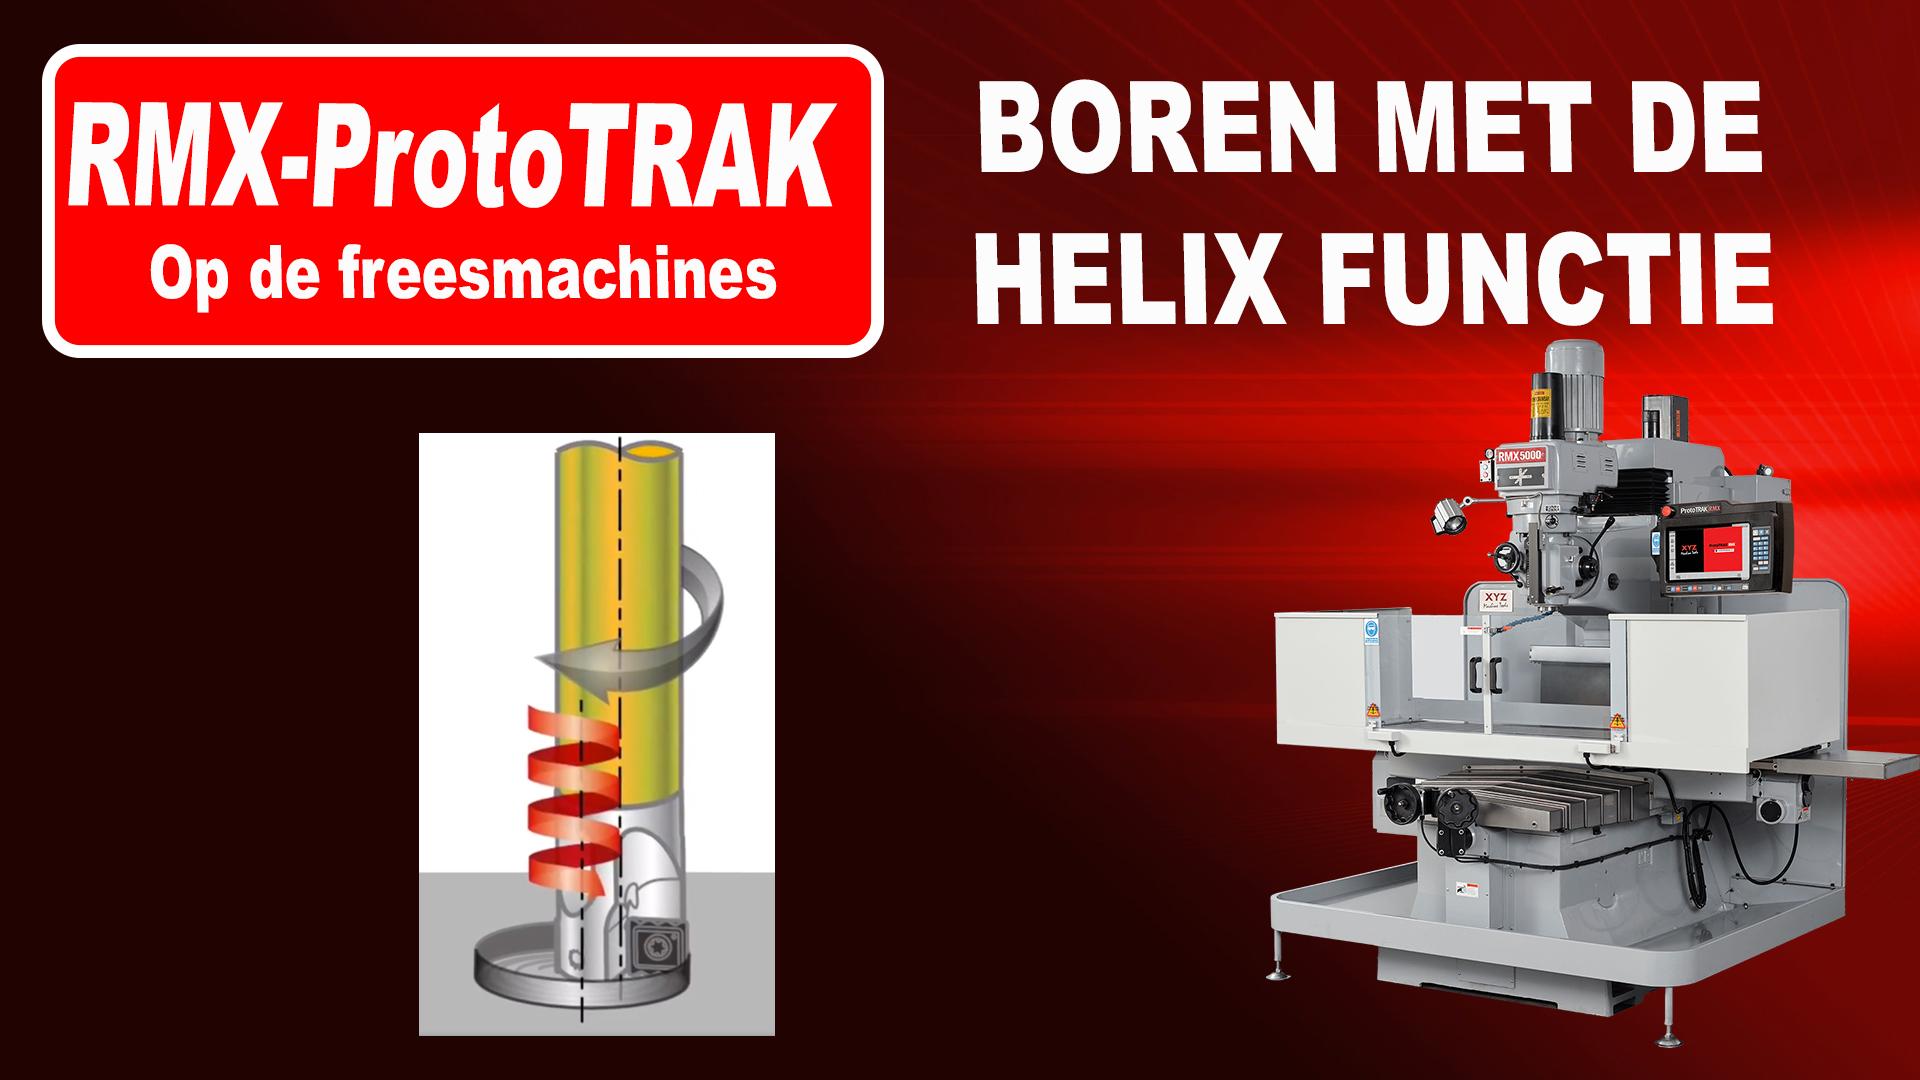 Grote boringen maken met de HELIX functie